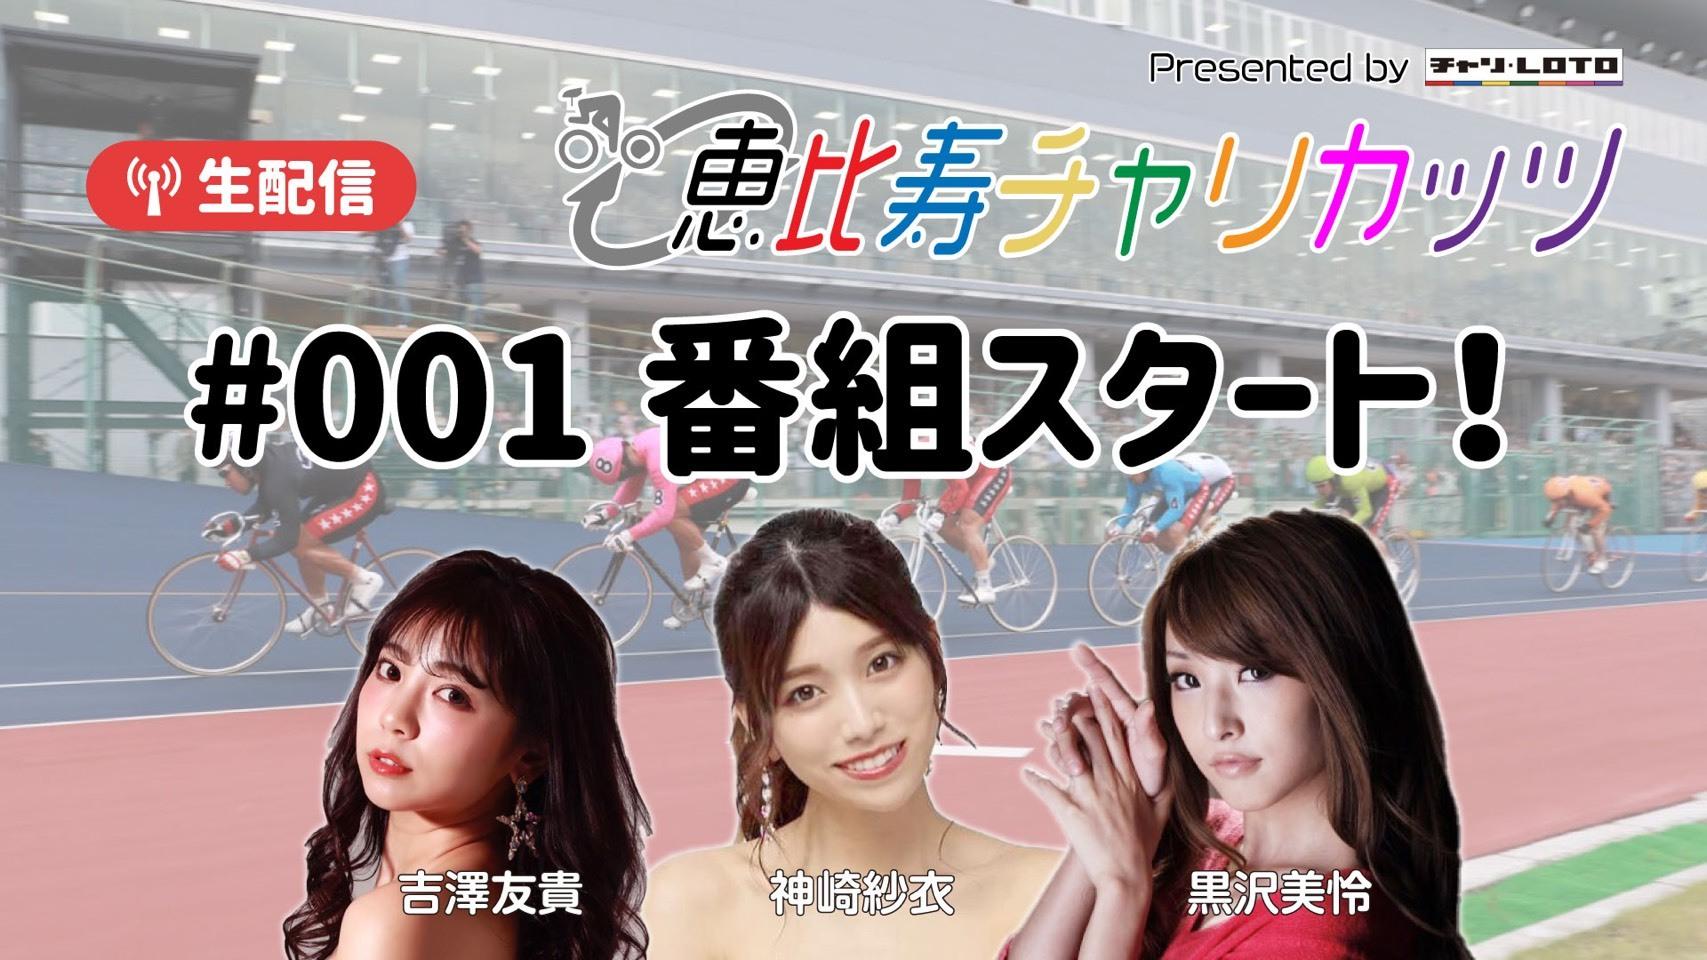 ミッドナイト競輪を予想するYouTube生配信番組『恵比寿チャリカッツ』スタート!